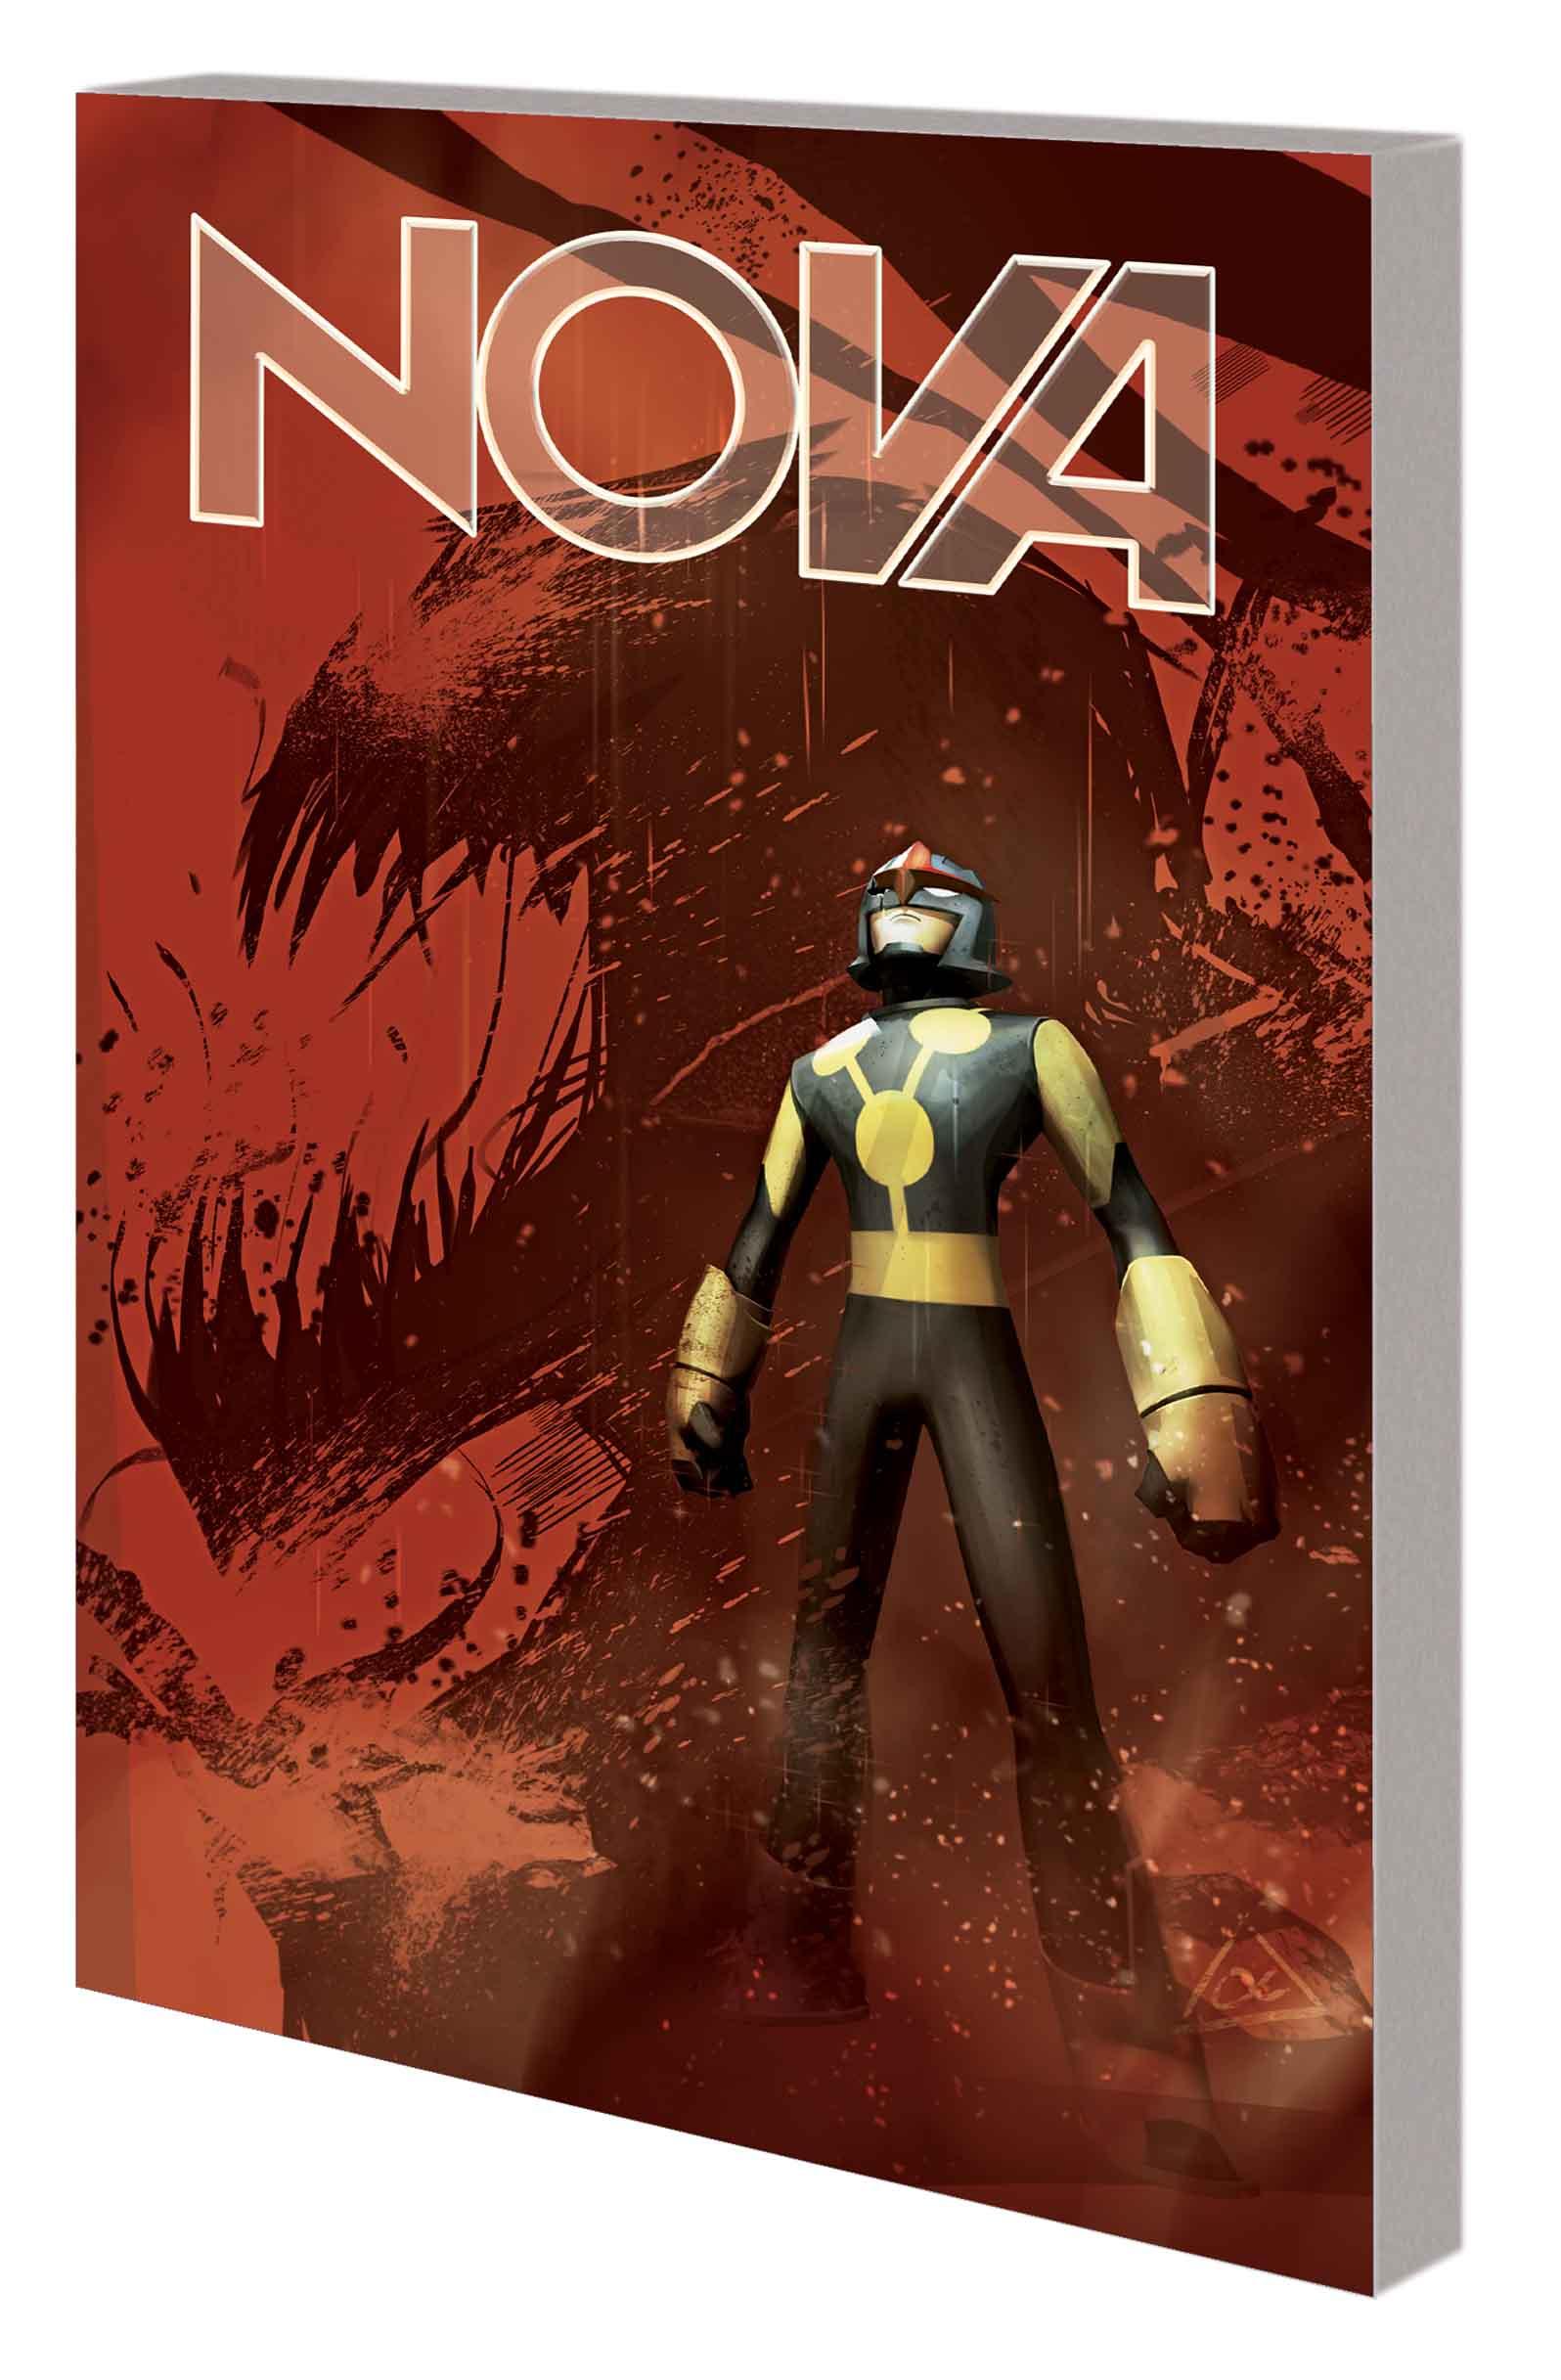 Nova Vol. 5: Axis (Trade Paperback)